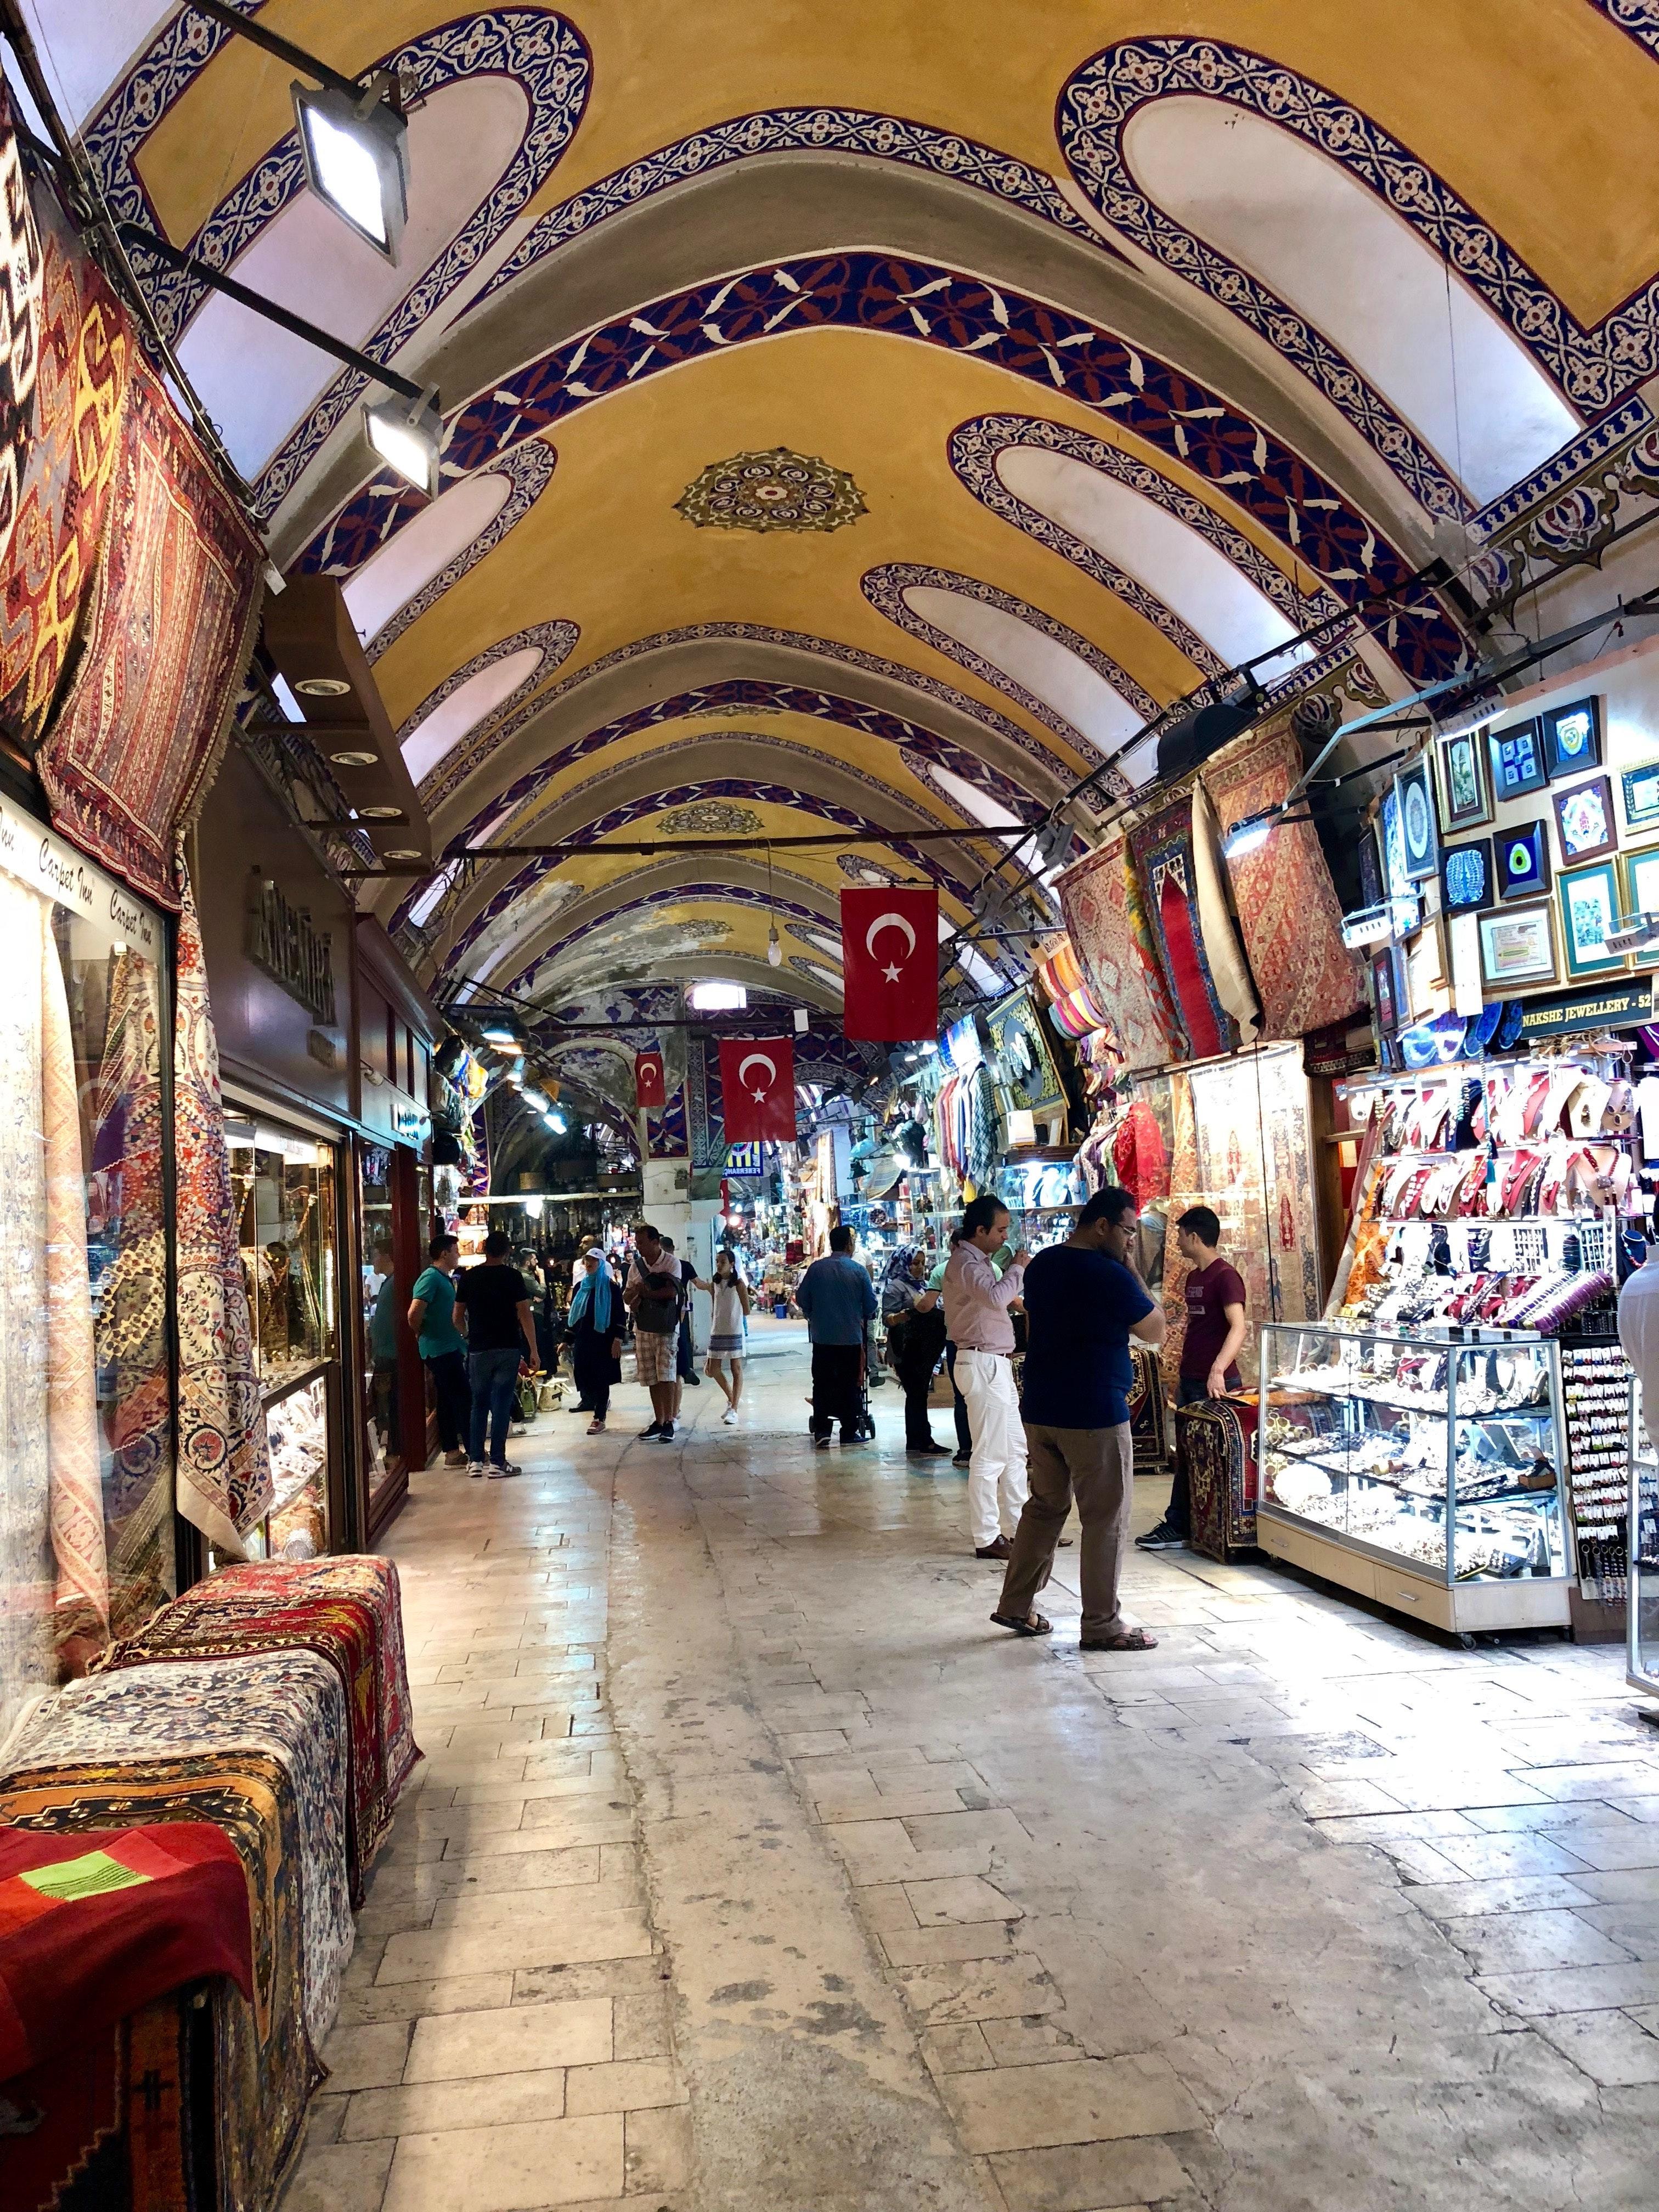 bazaar-grand-bazaar-istanbul-market-1413